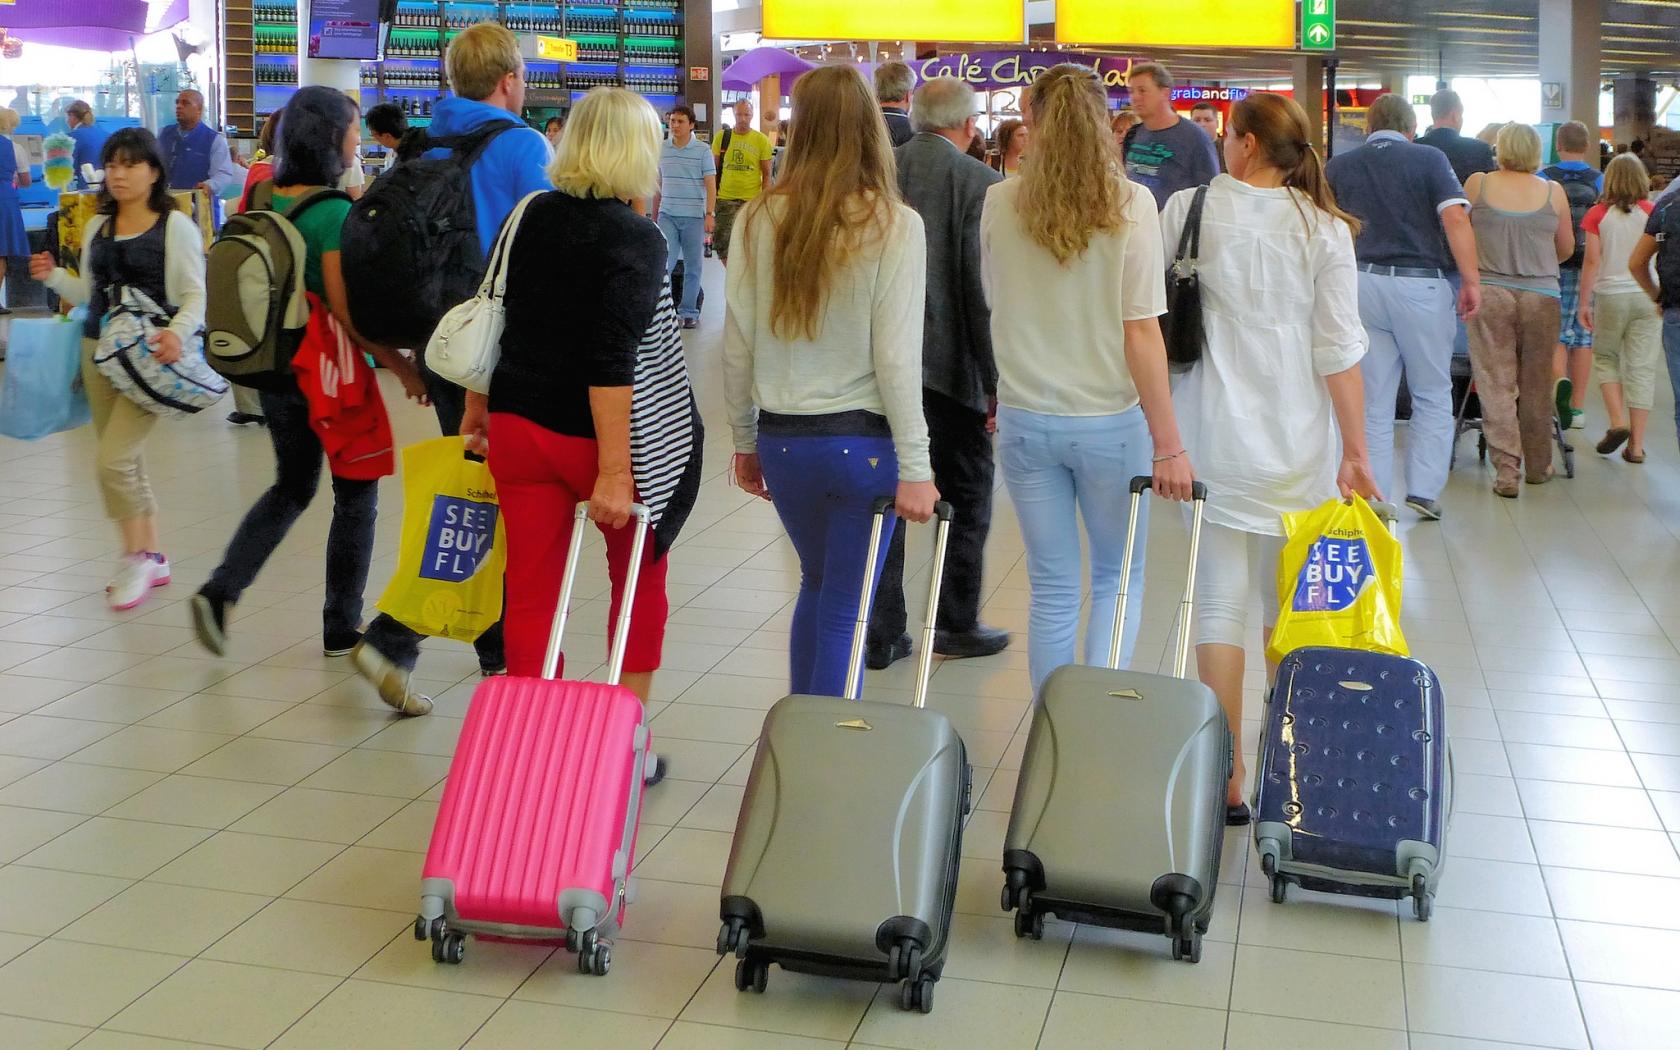 Bellas rubias en el aeropuerto - 1680x1050